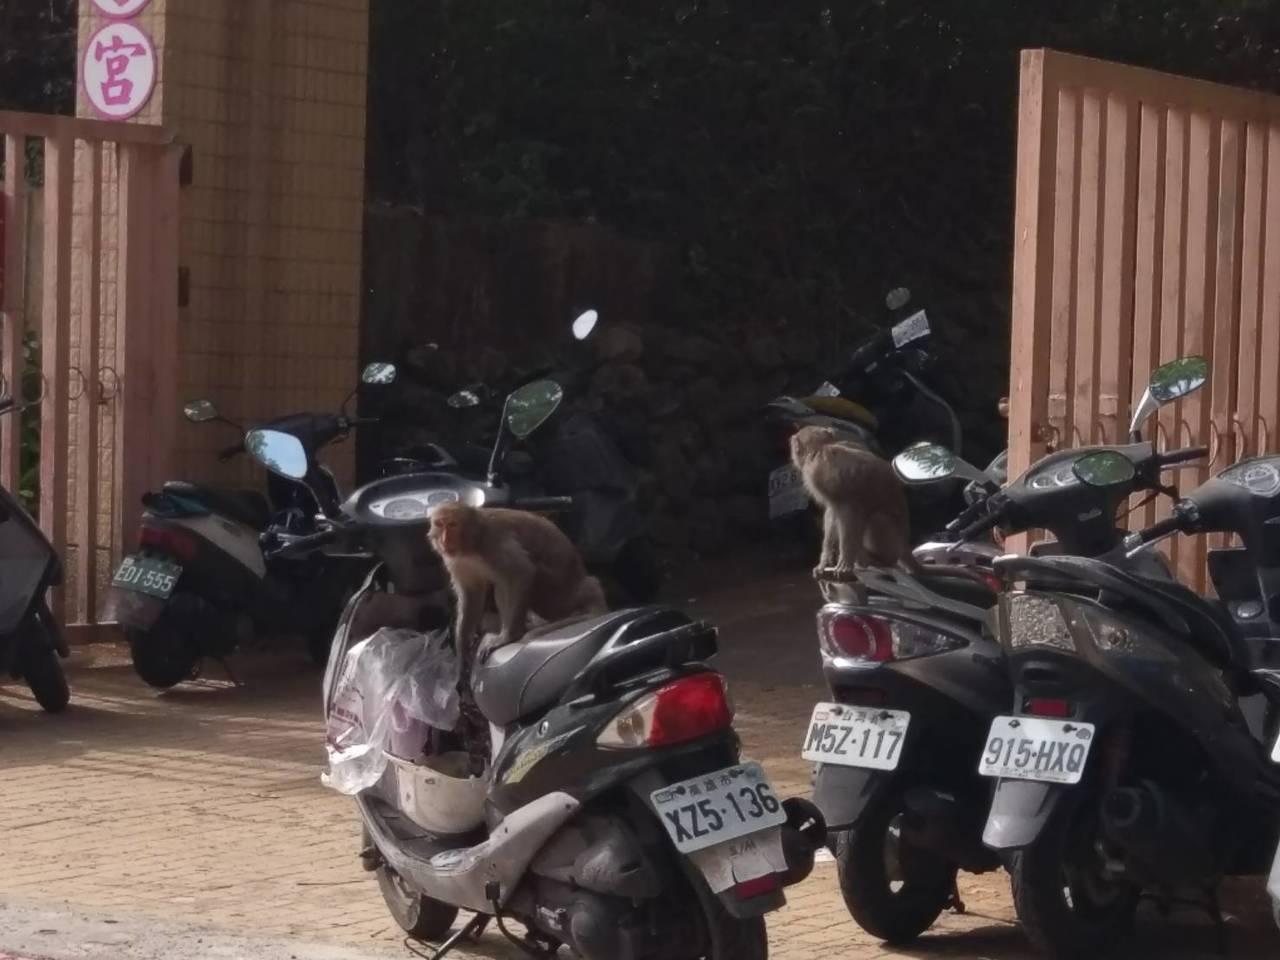 獼猴看到人不害怕,公然在機車區內搶食,只要看到塑膠袋就一擁而上搶走。記者謝梅芬/...